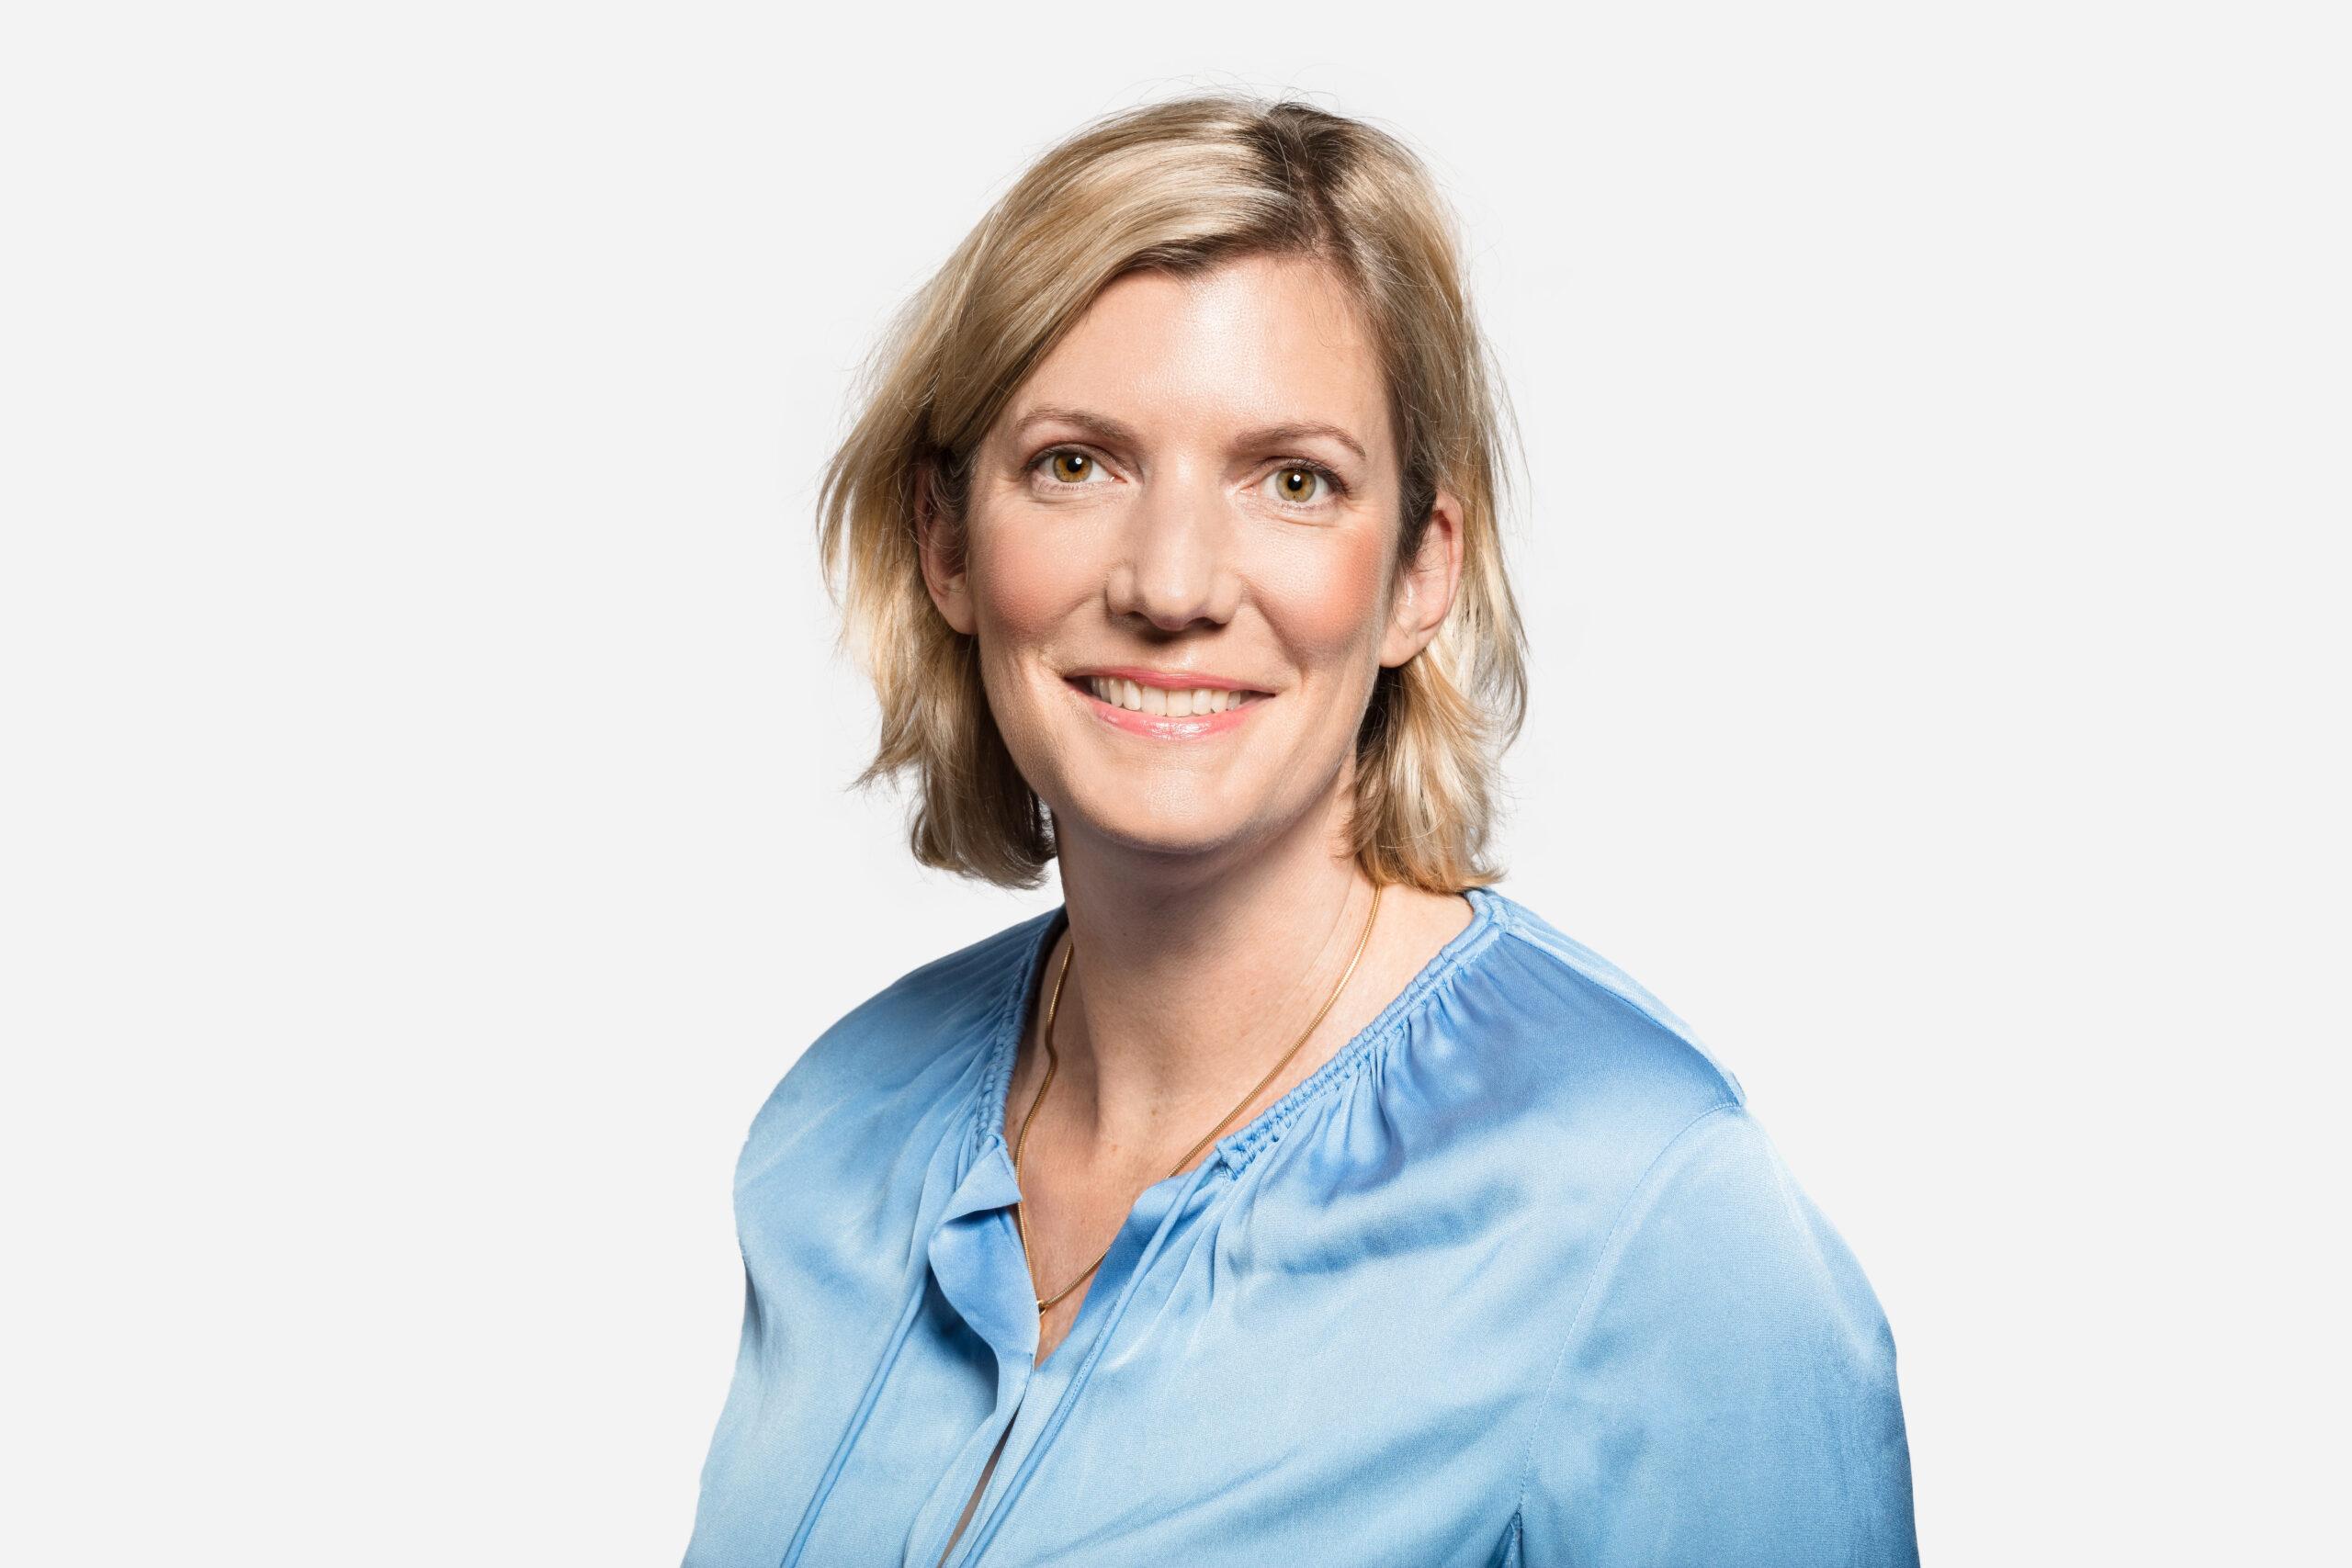 Silke Grosse-Hornke | Founder & Partner